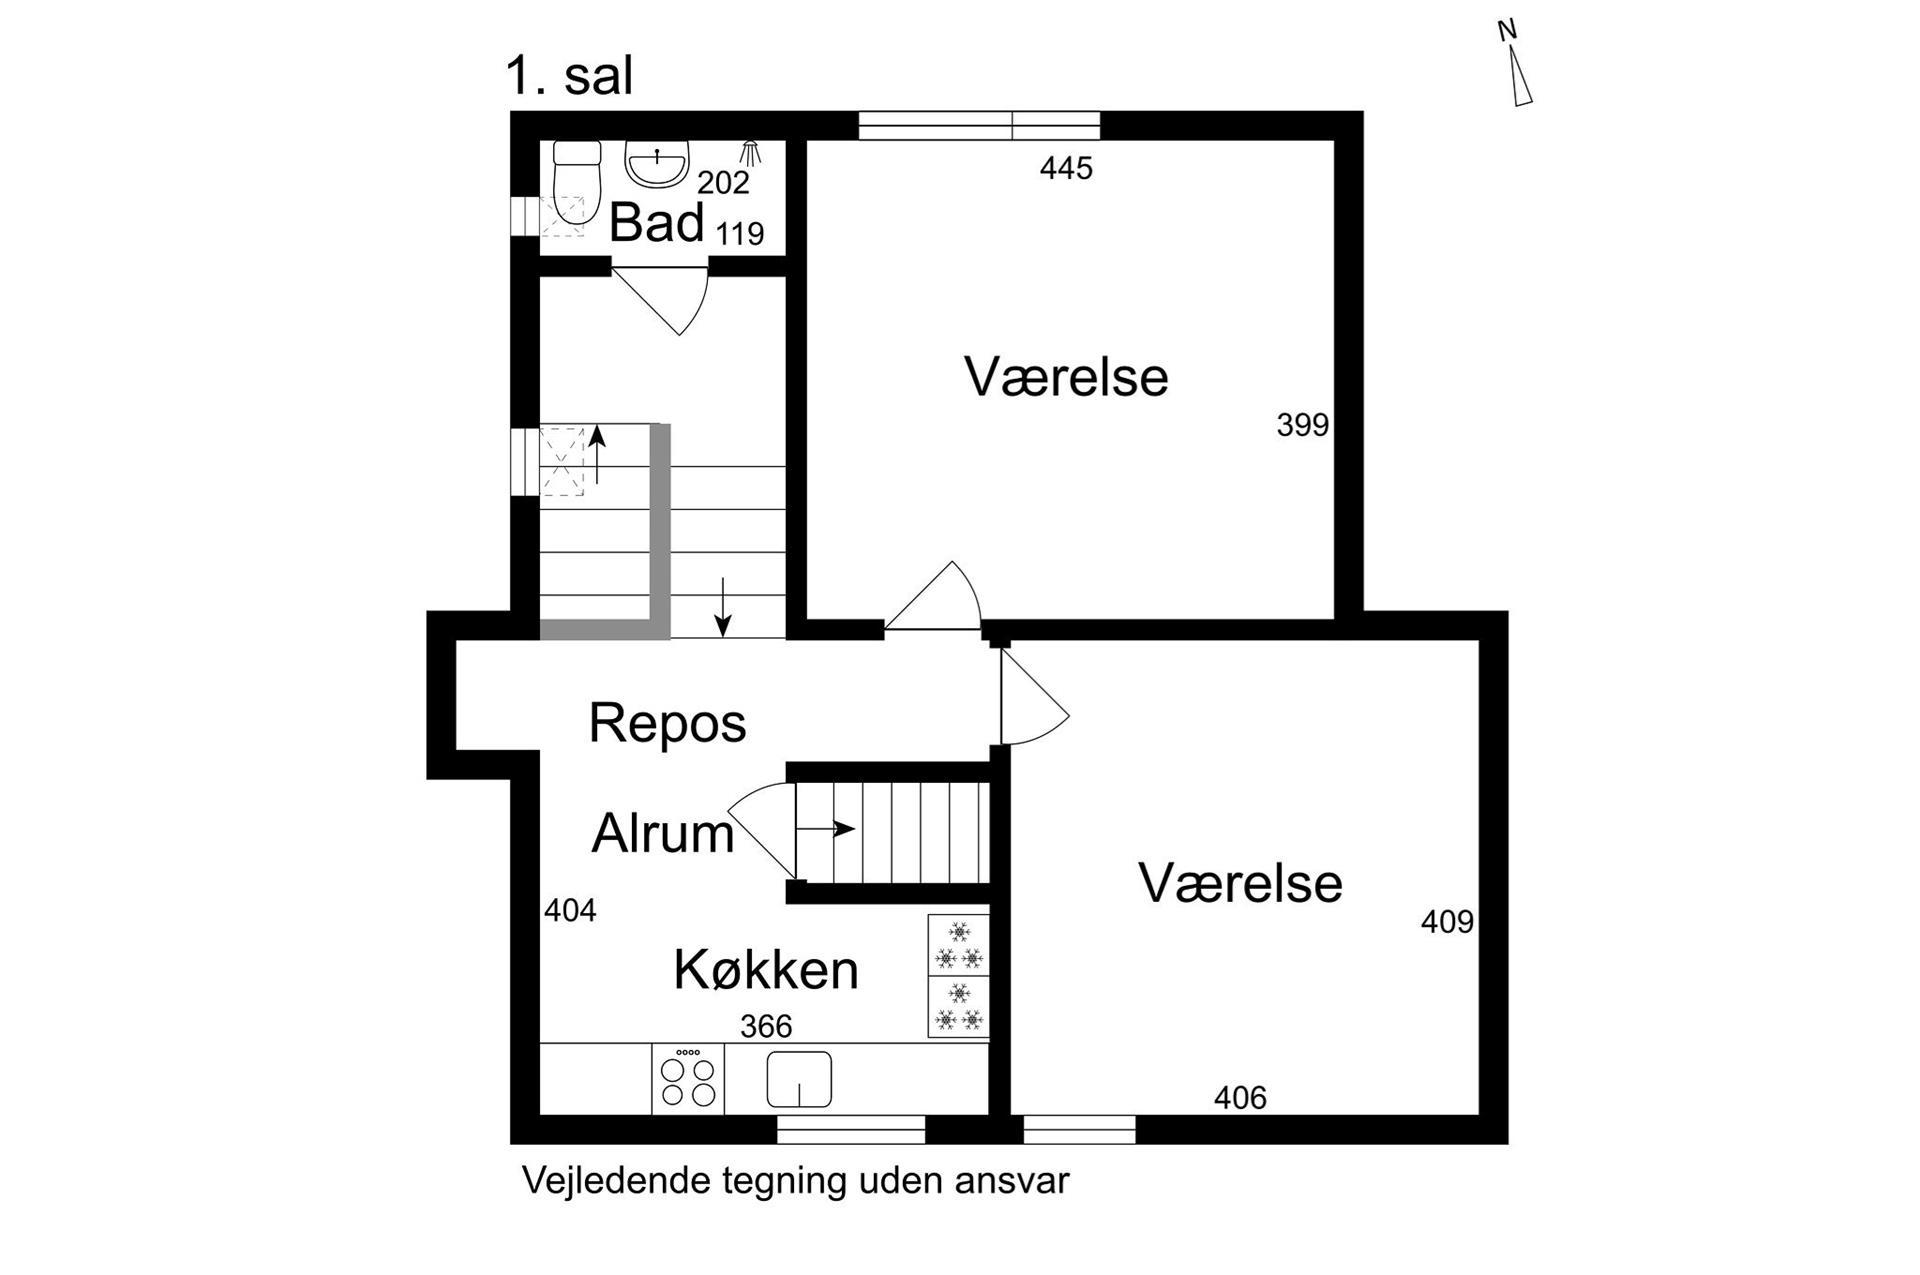 Boligudlejning på St.Blichers Vej i Aarhus V - 1. sal